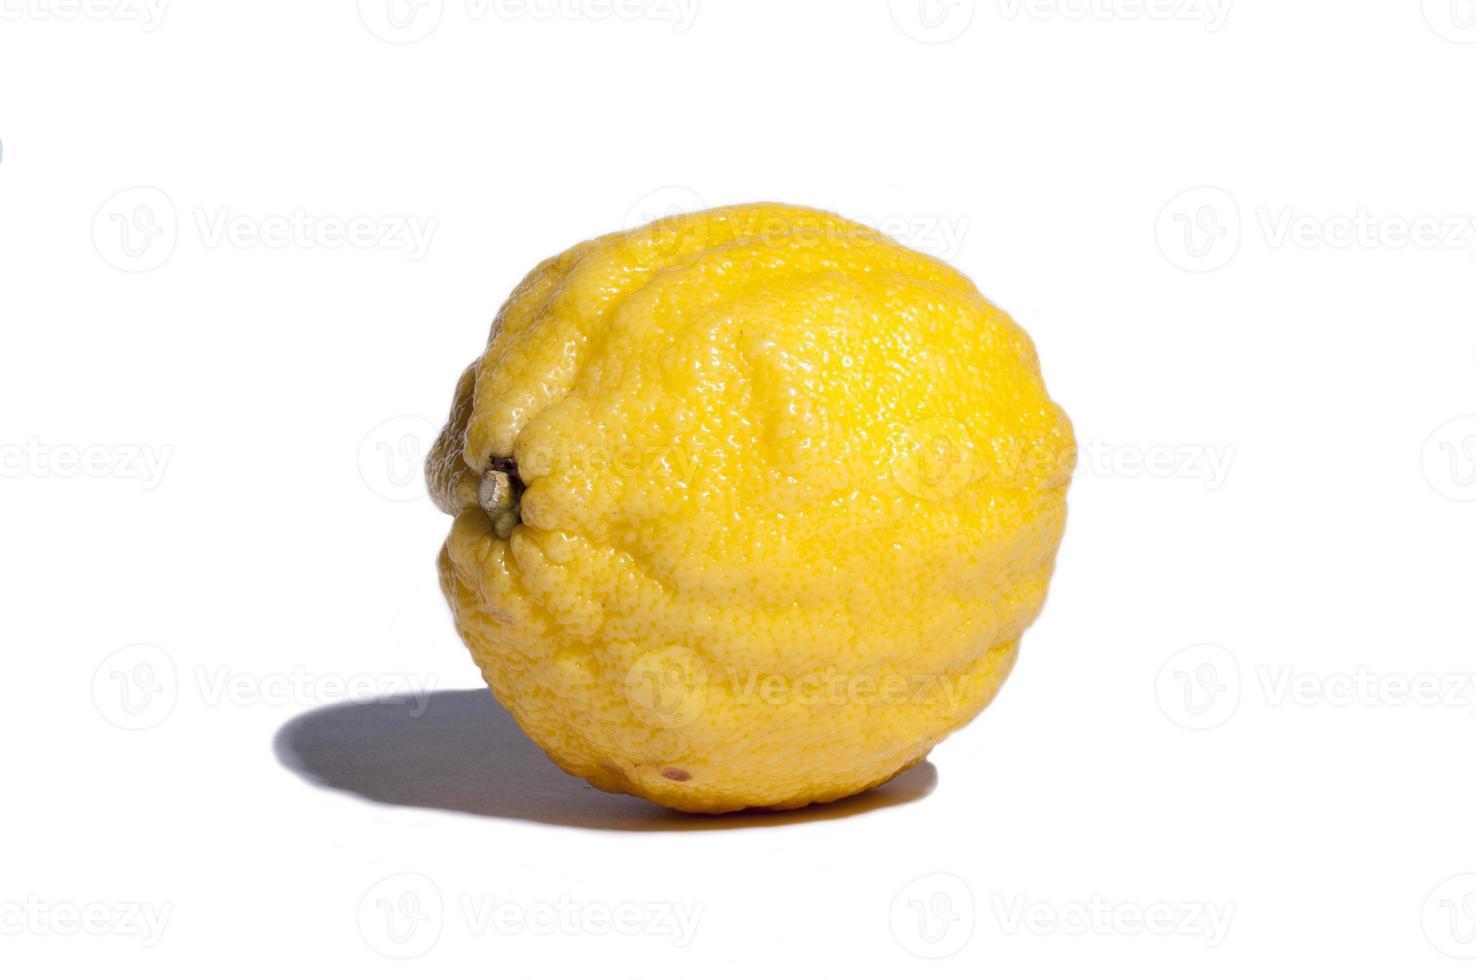 citroen geïsoleerd op een witte achtergrond foto